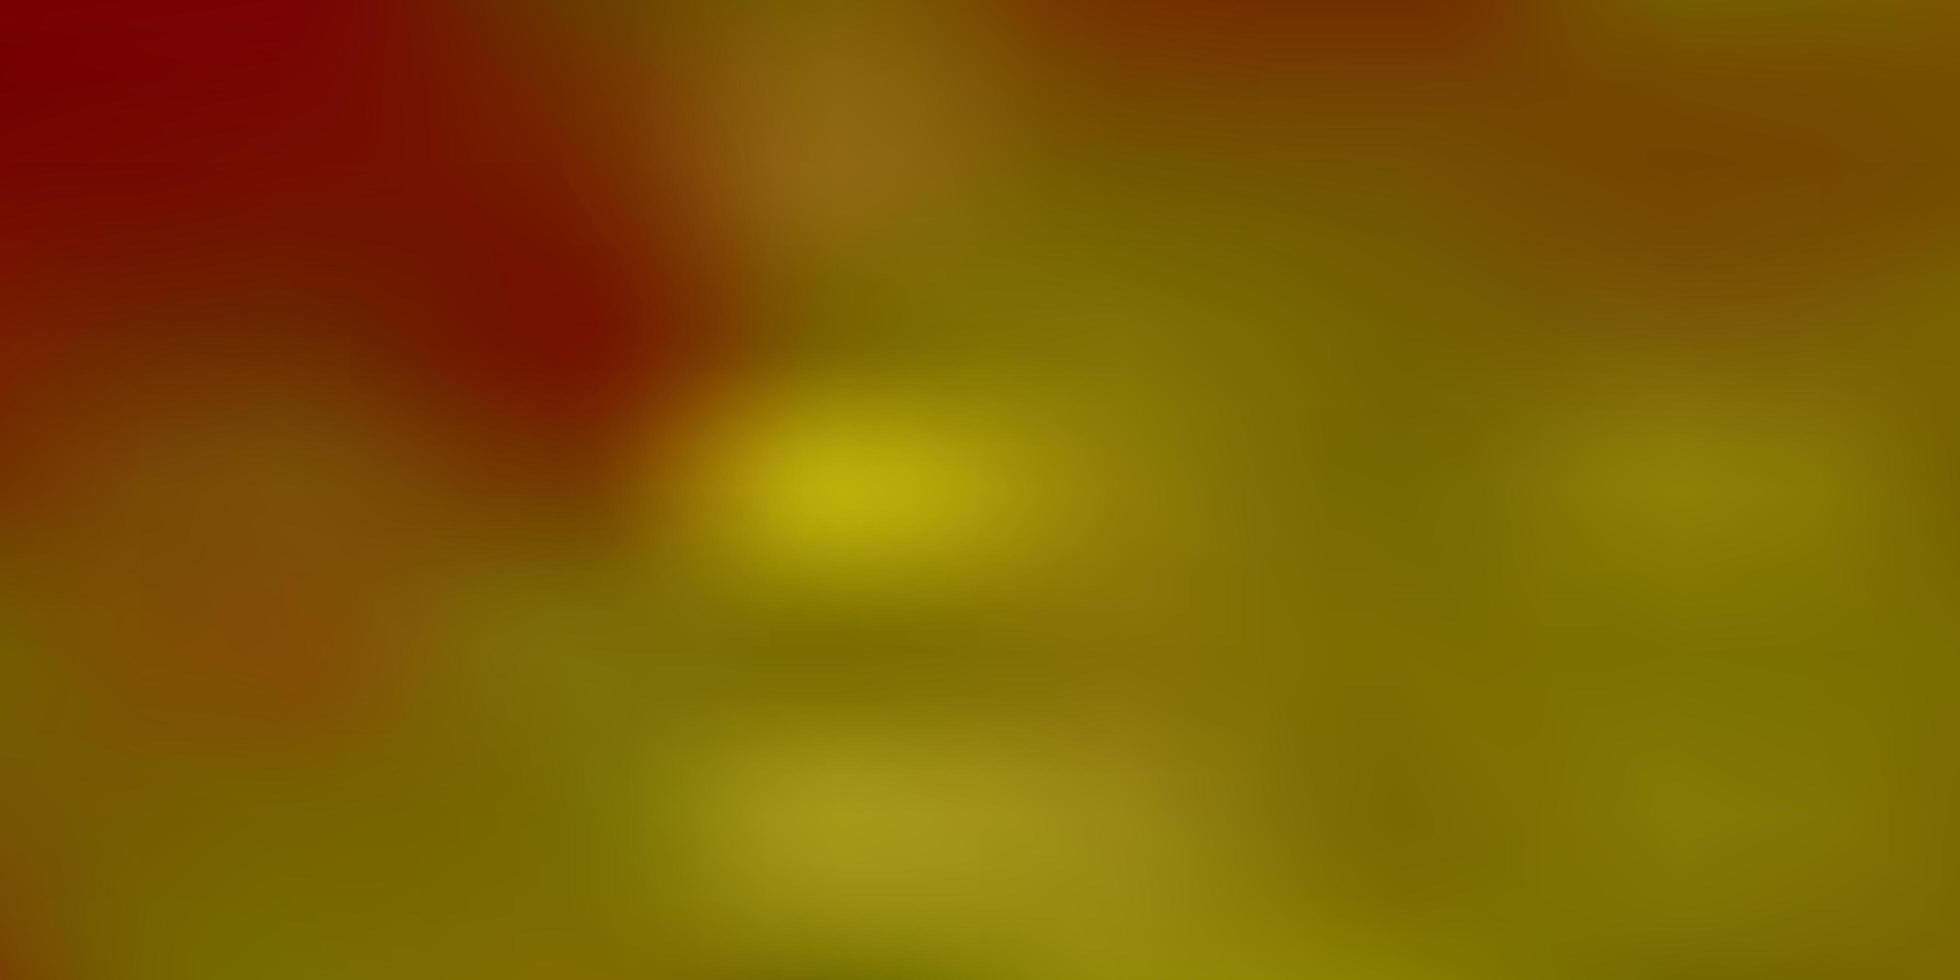 modello di sfocatura gradiente vettoriale giallo chiaro.